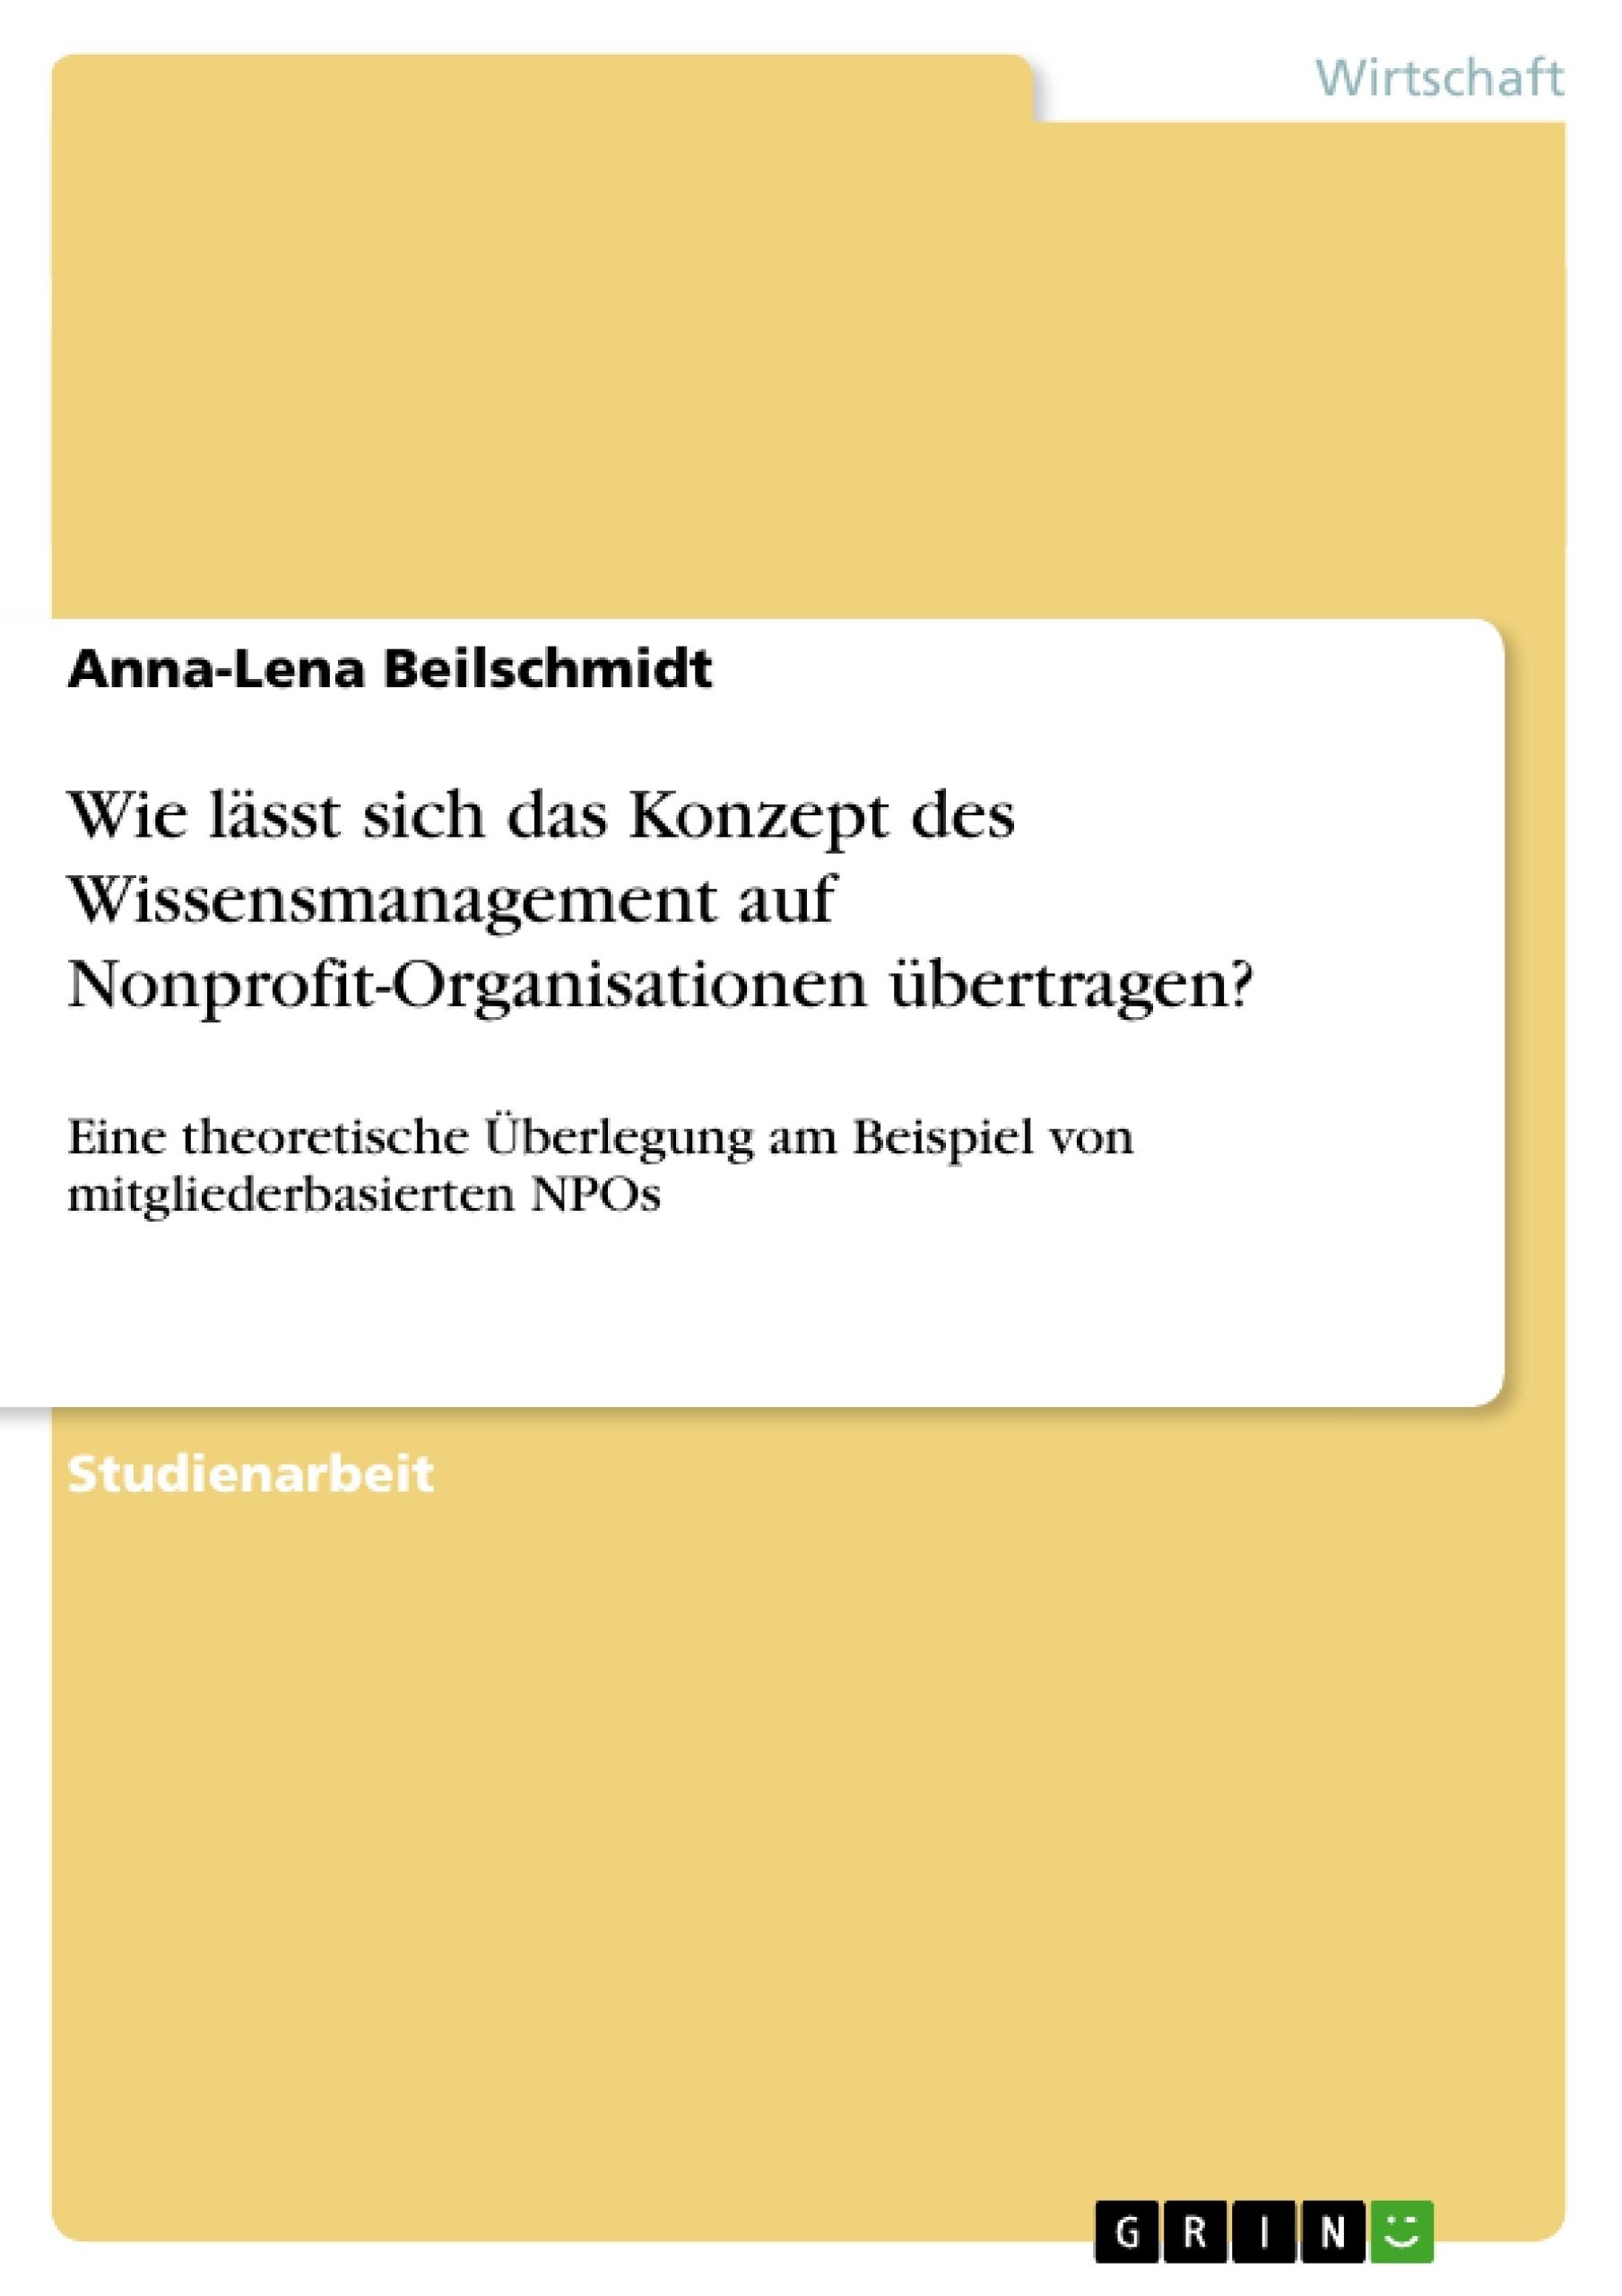 Titel: Wie lässt sich das Konzept des Wissensmanagement auf Nonprofit-Organisationen übertragen?